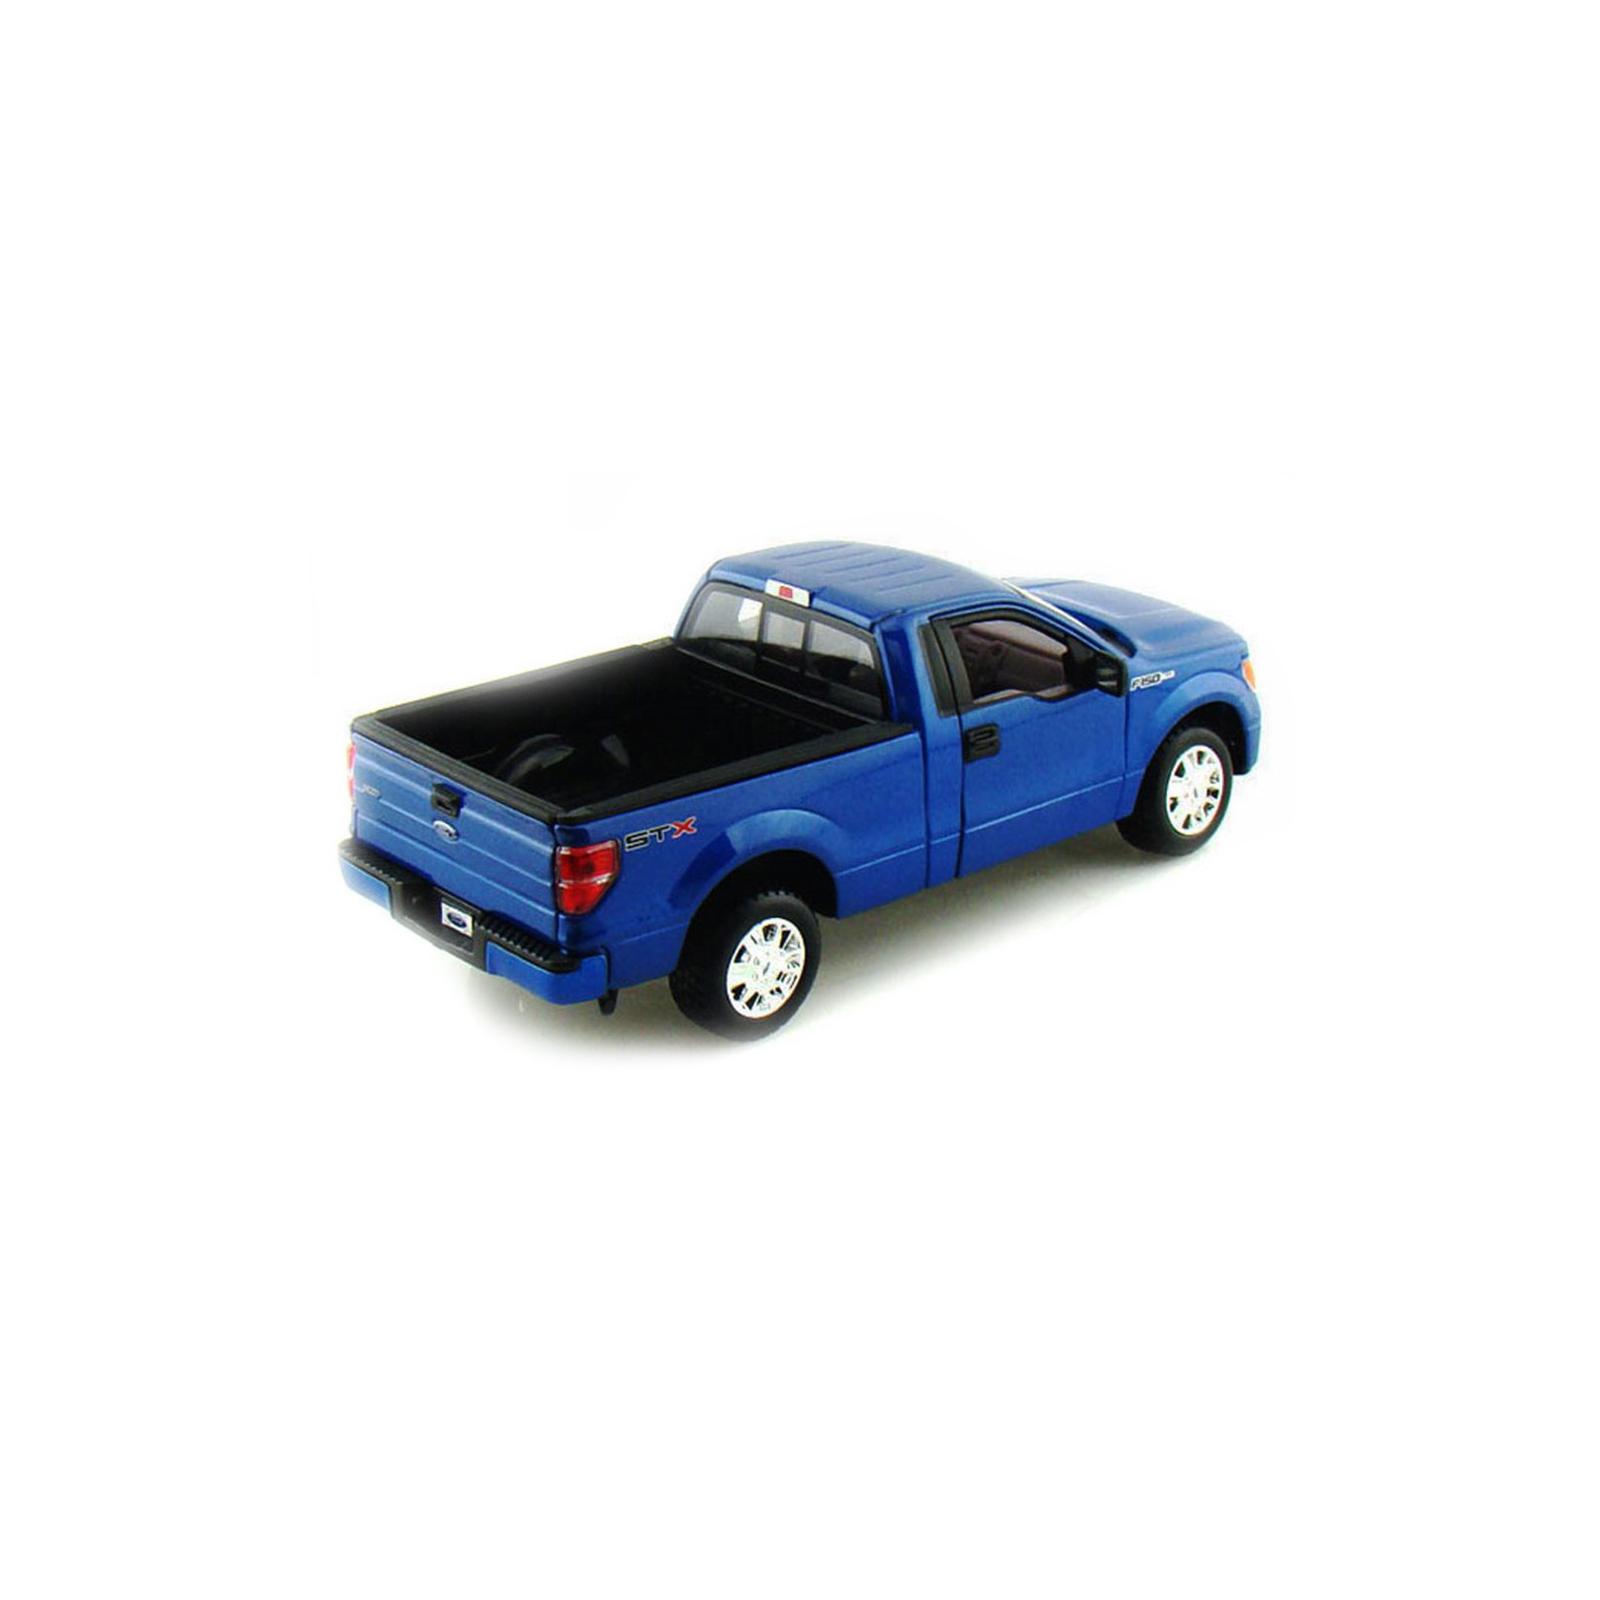 Машина Maisto Ford F-150 STX (1:27) синий металлик (31270 met. blue) изображение 2